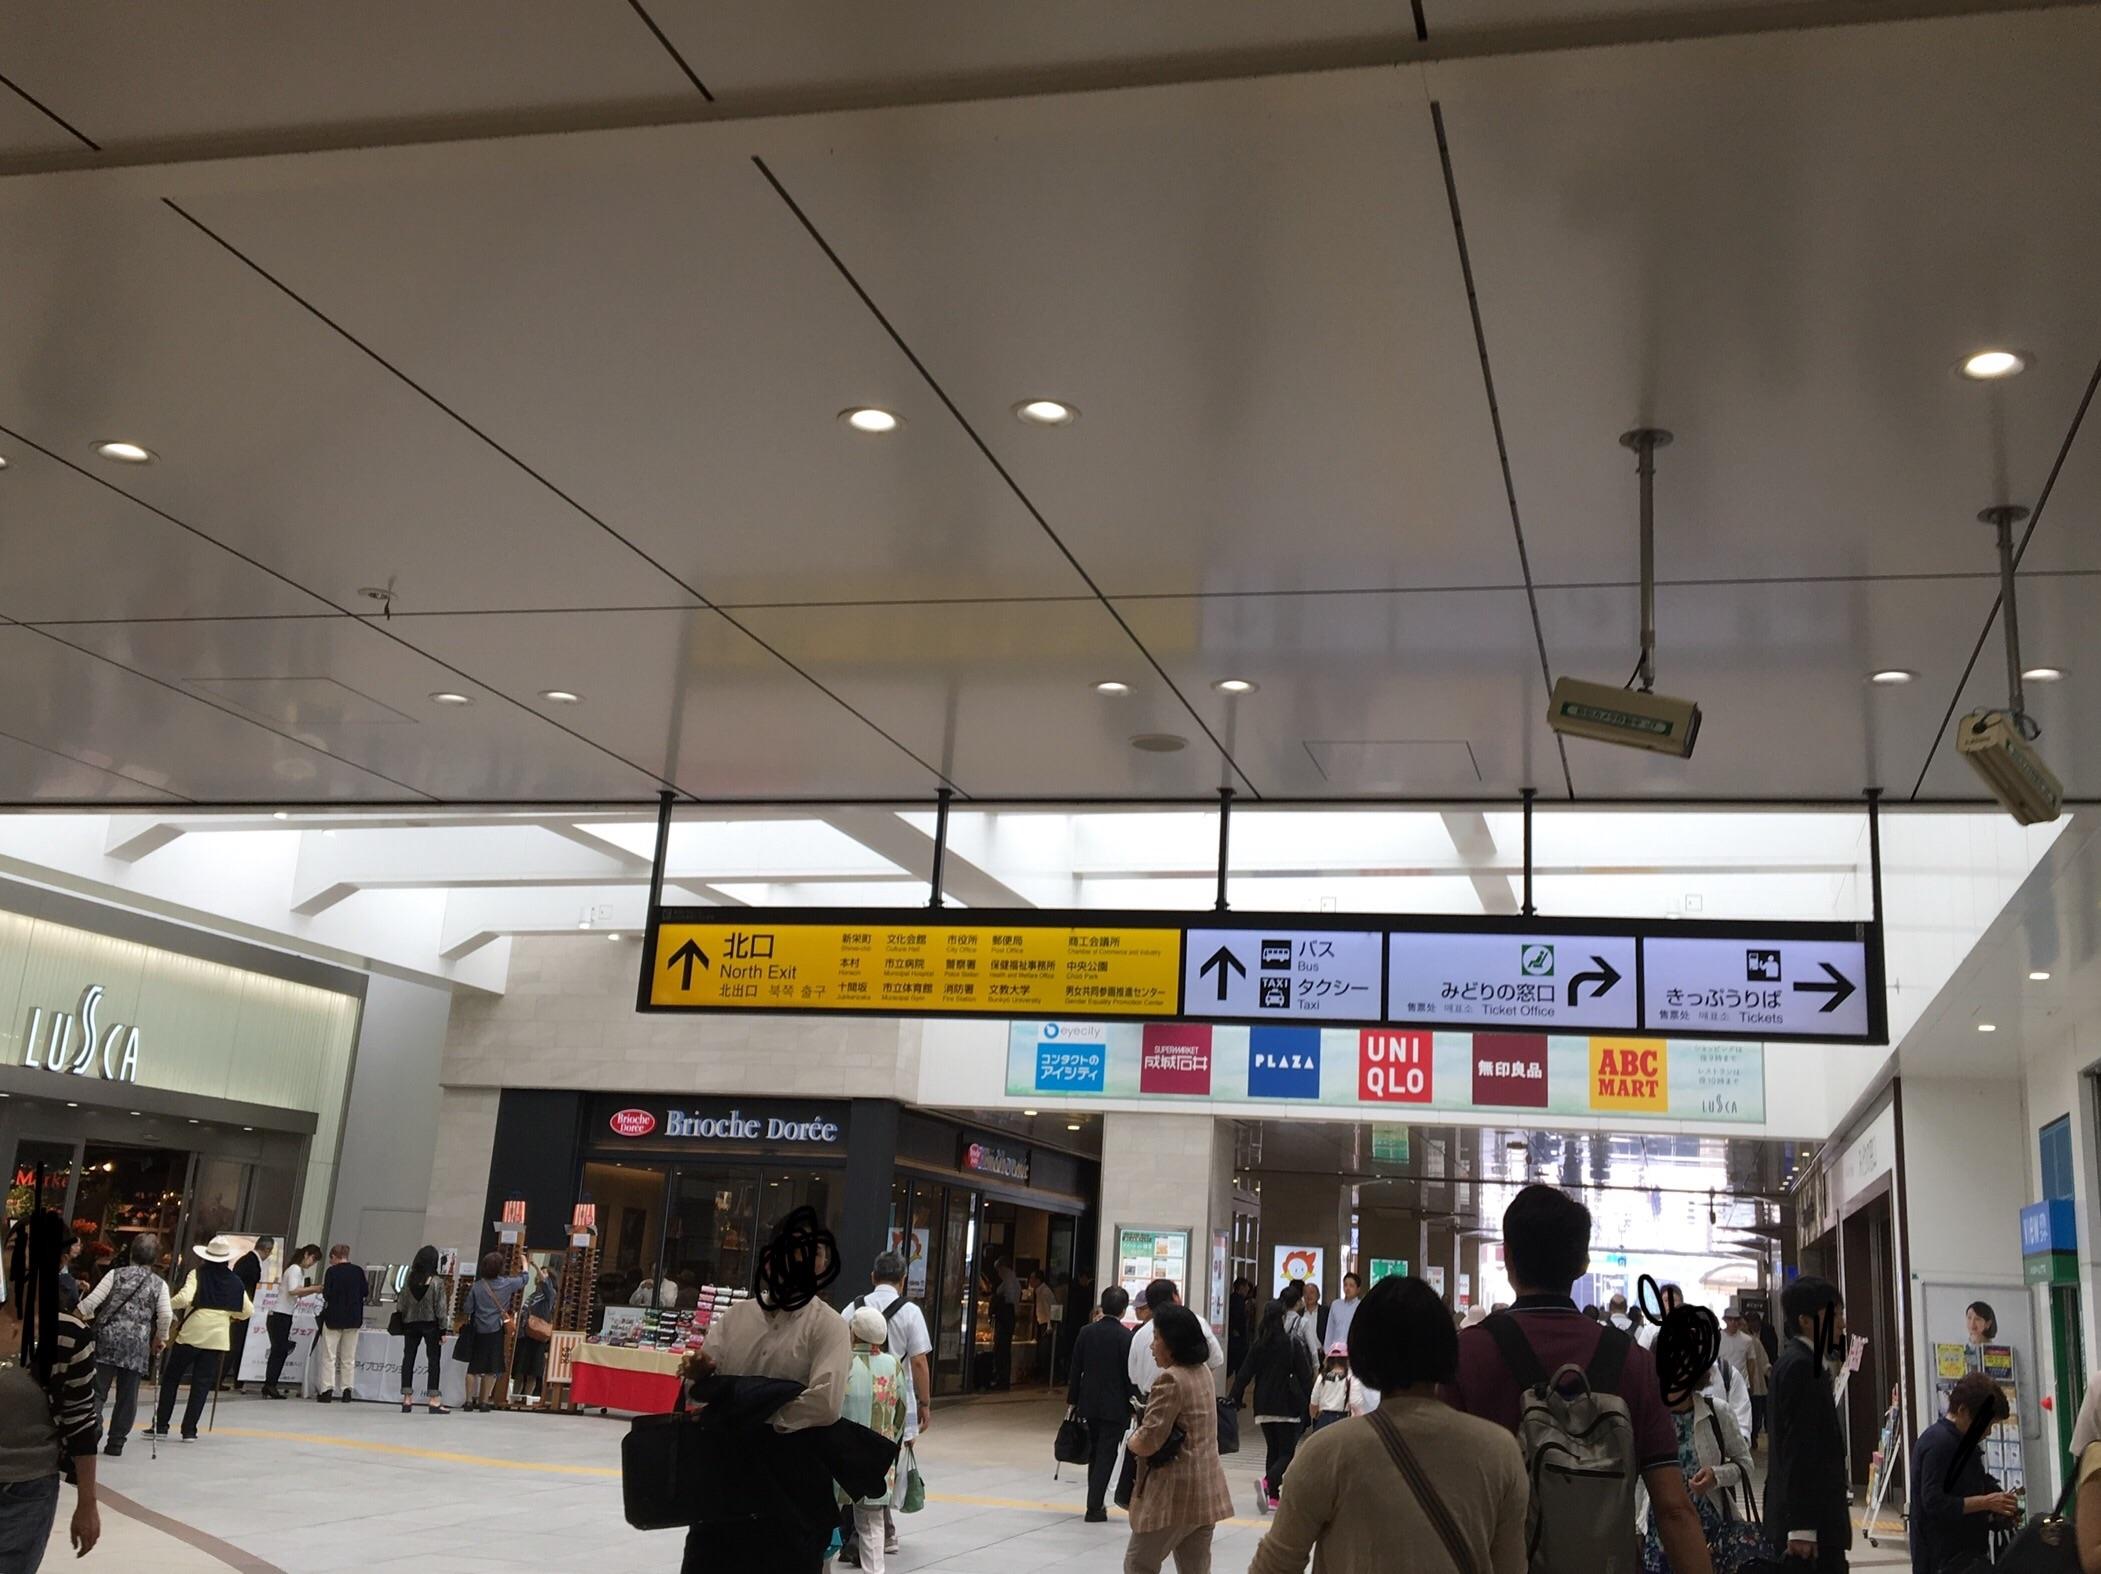 f:id:kaminashiko:20180716172034j:plain